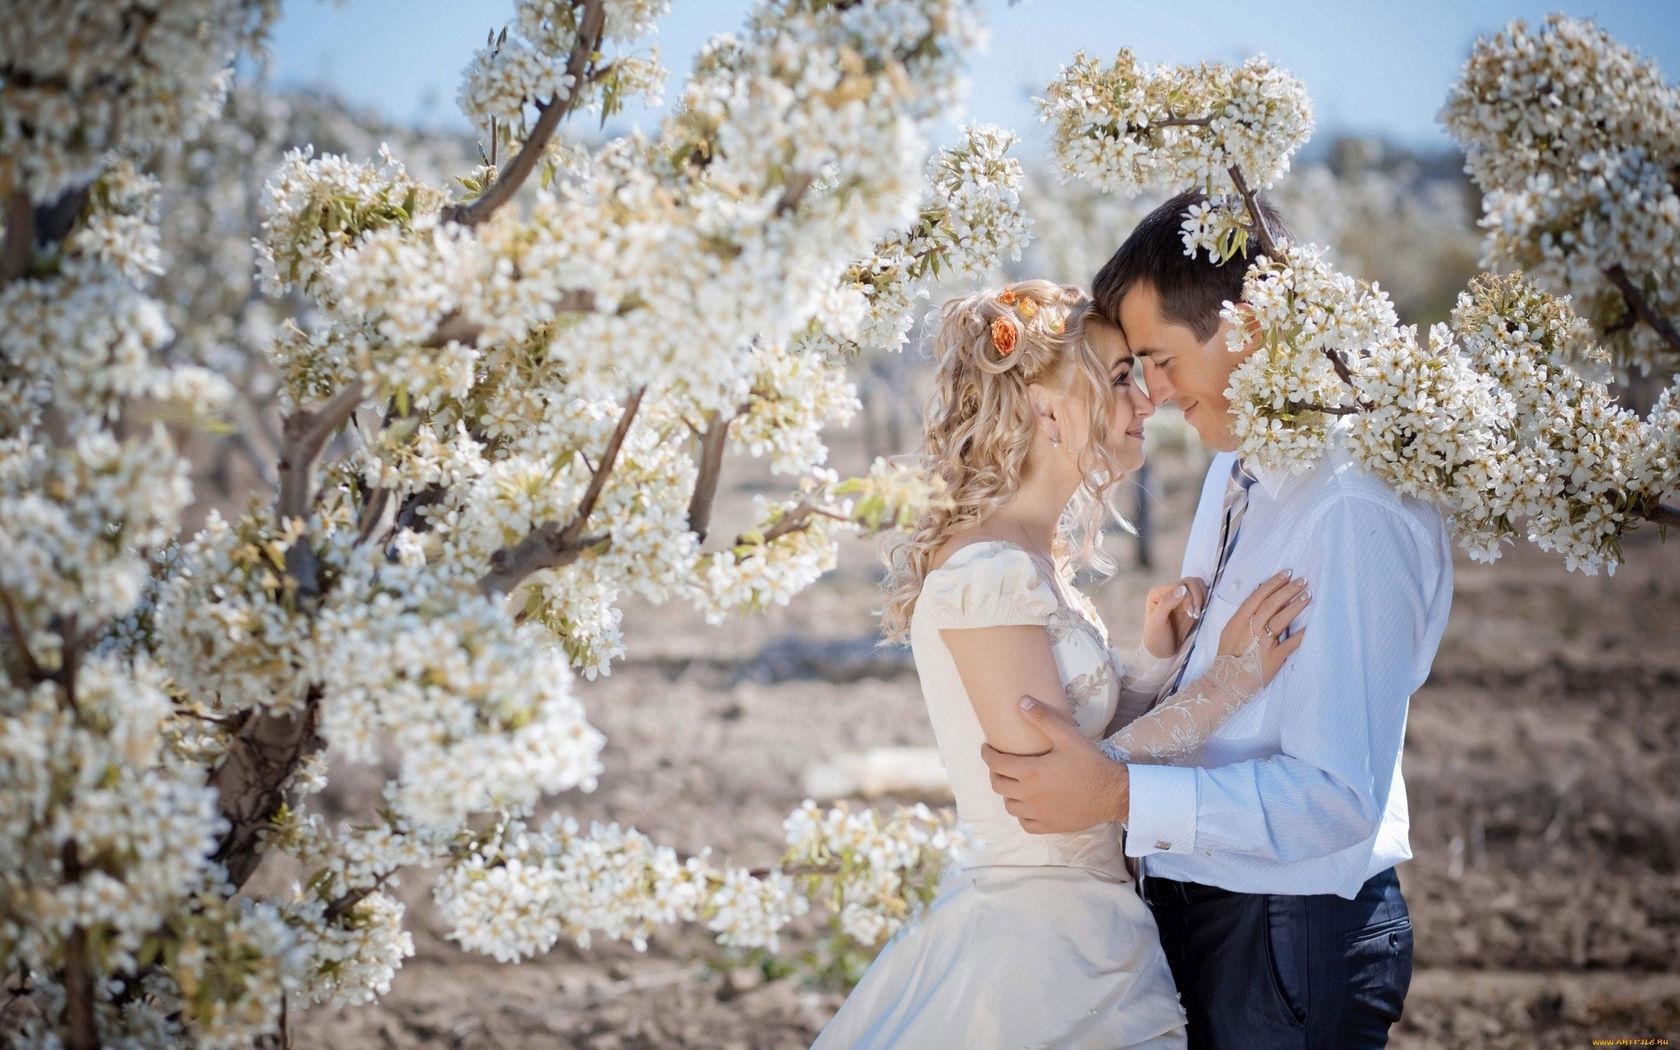 Обои Весна, цветение, влюбленные, цветы. Настроения foto 10